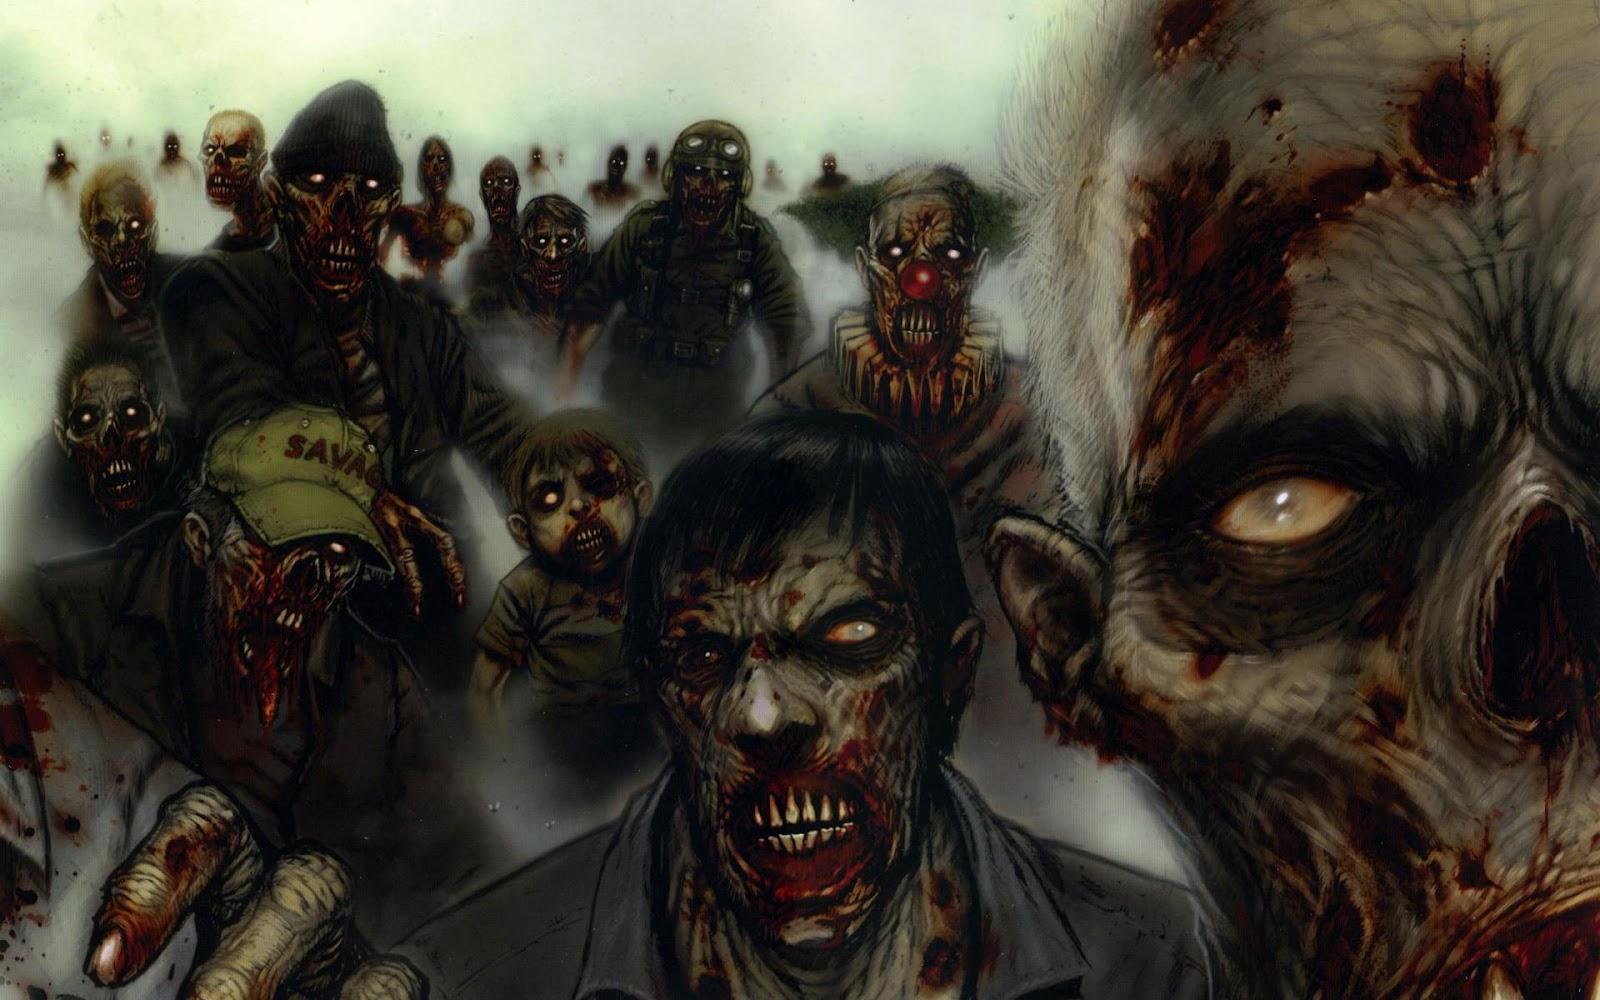 apocalipse-zumbi